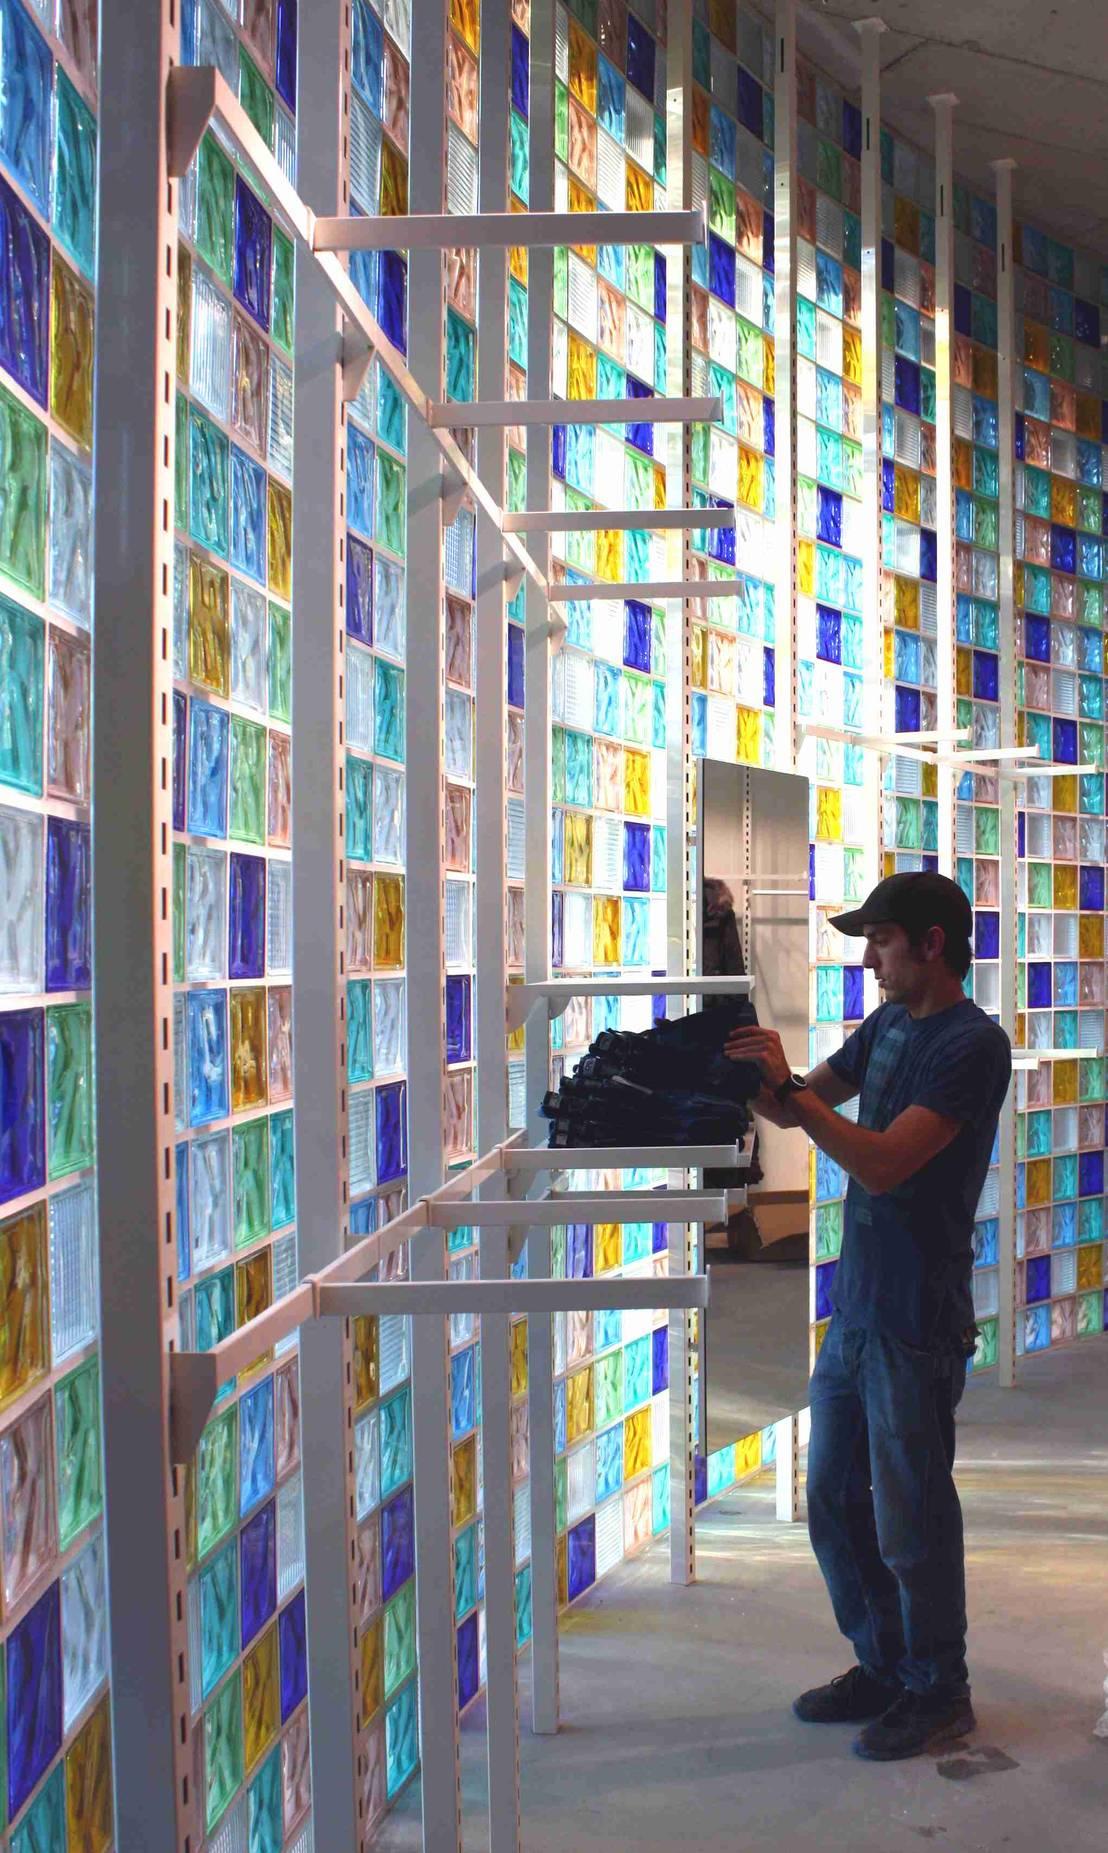 Каталог цвета натяжных потолков  цветные покрытия разных